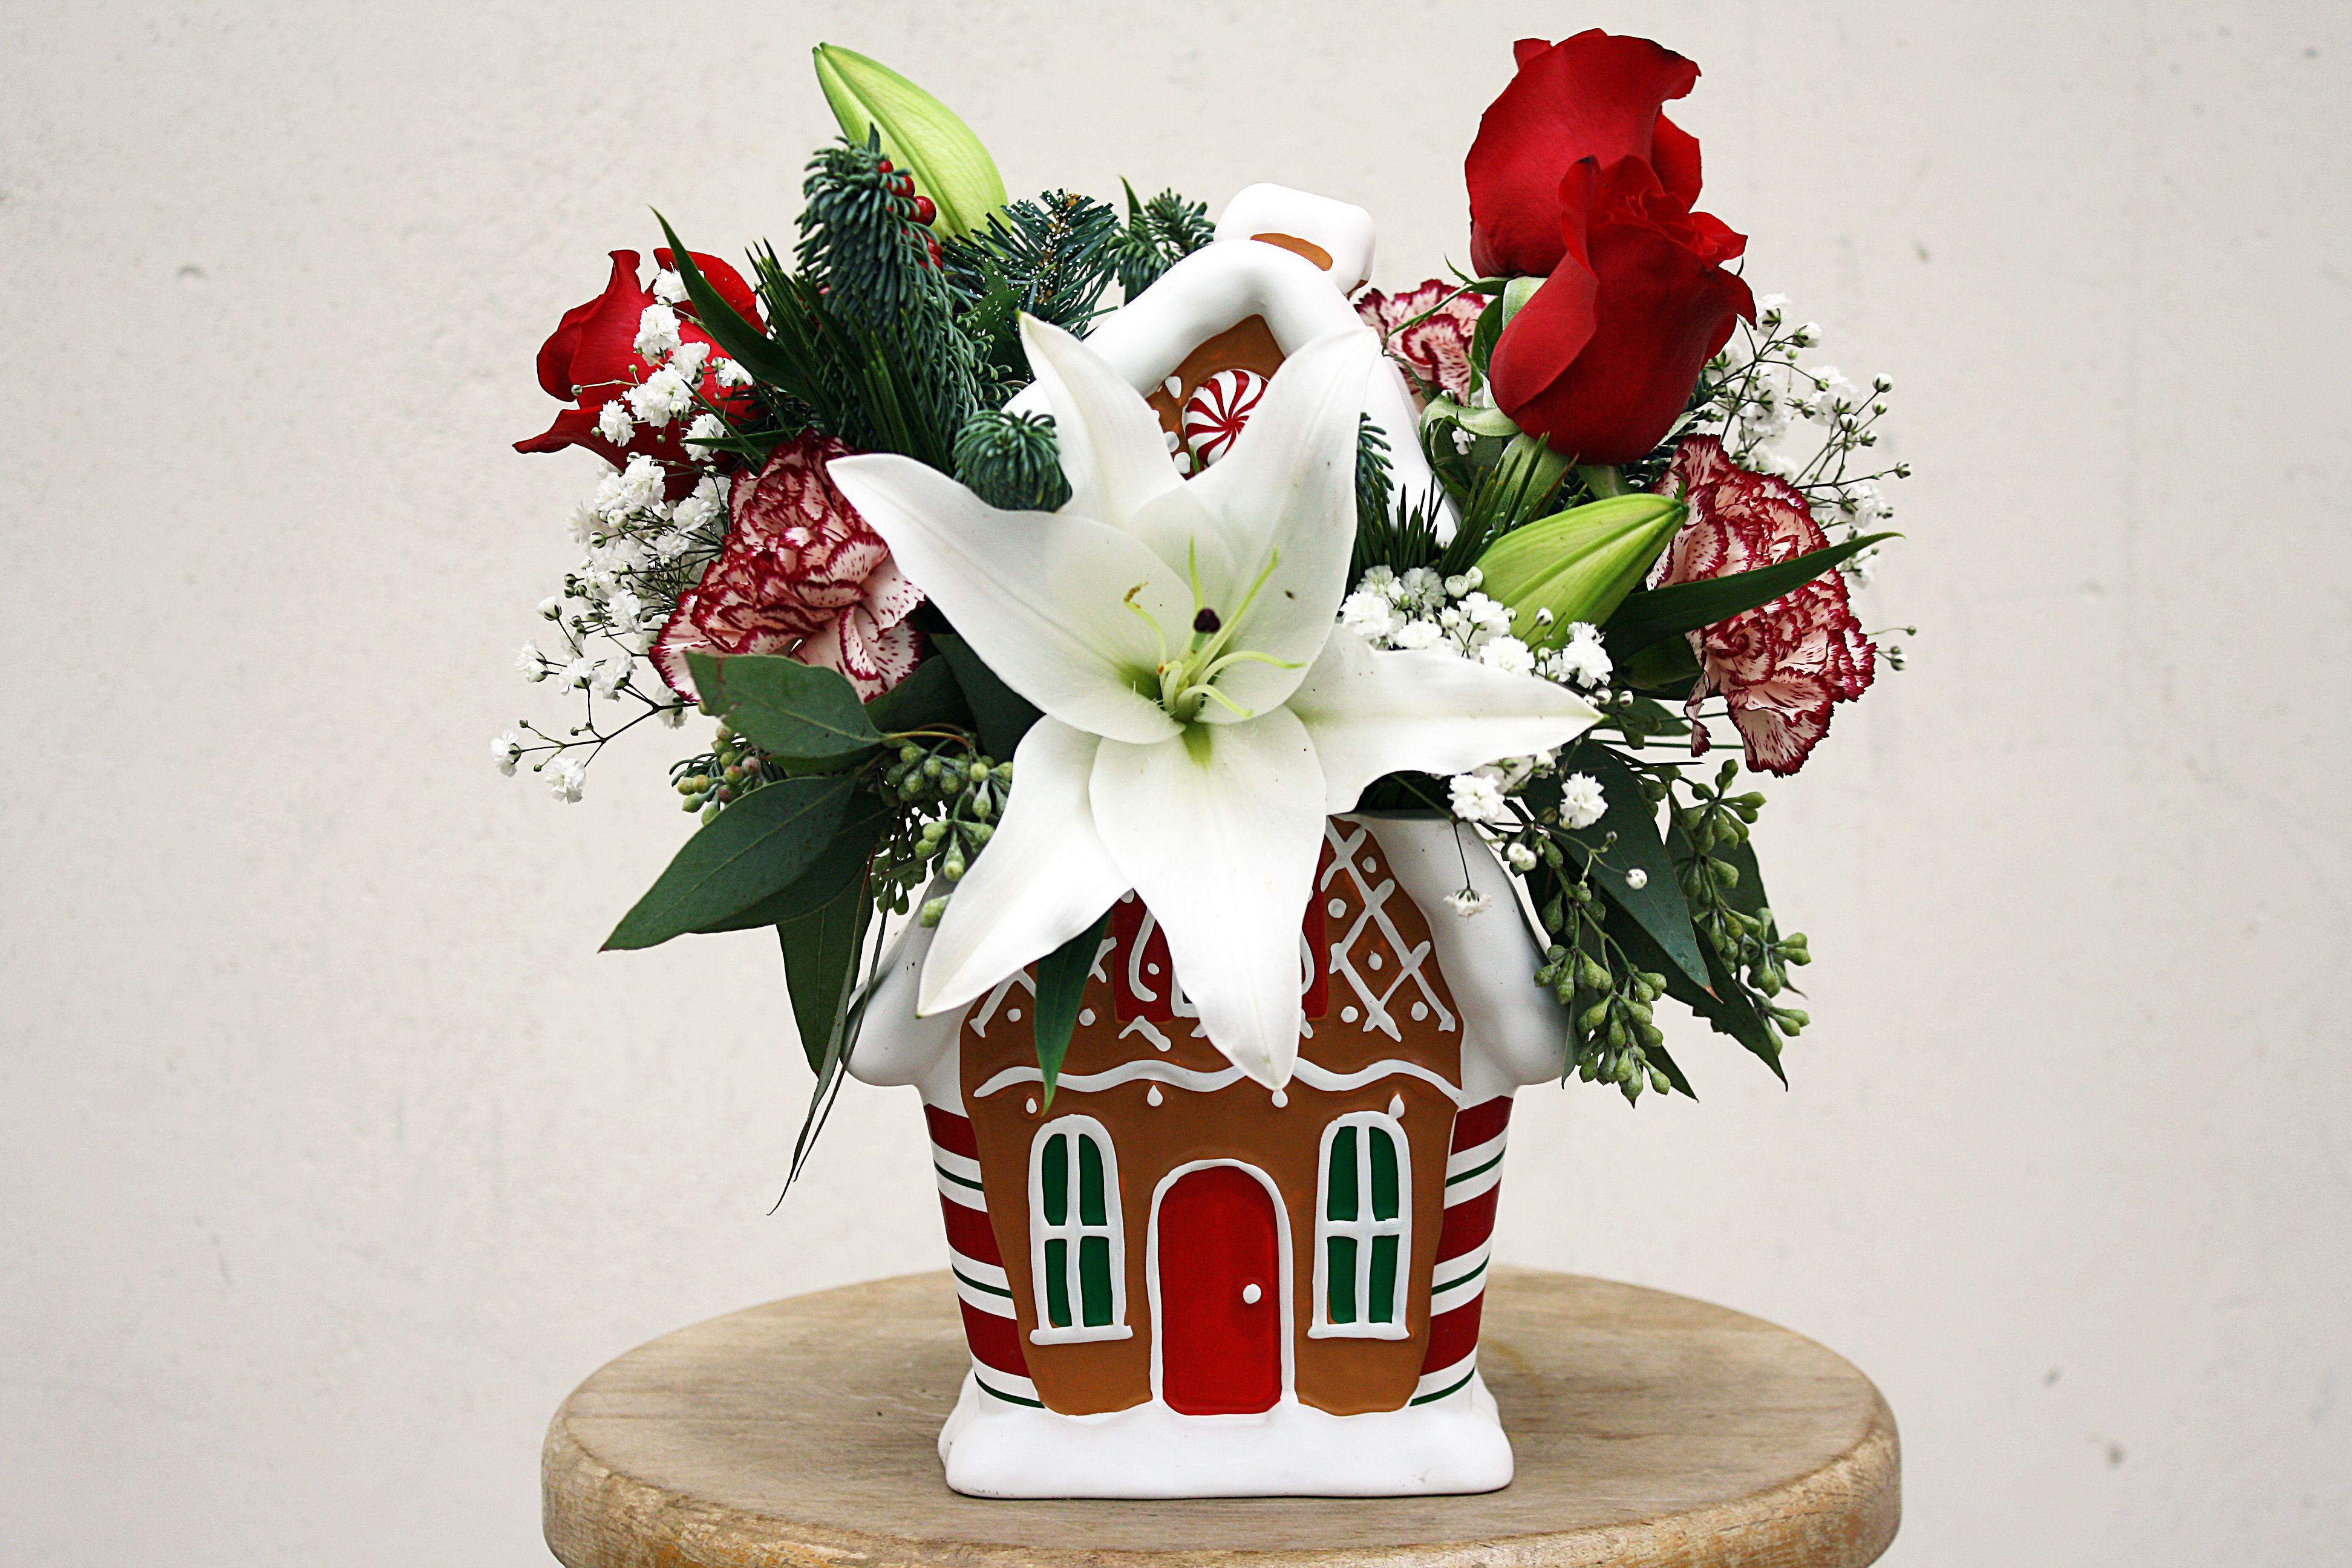 Gingerbread house flower arrangement four seasons flowers four gingerbread house flower arrangement four seasons flowers izmirmasajfo